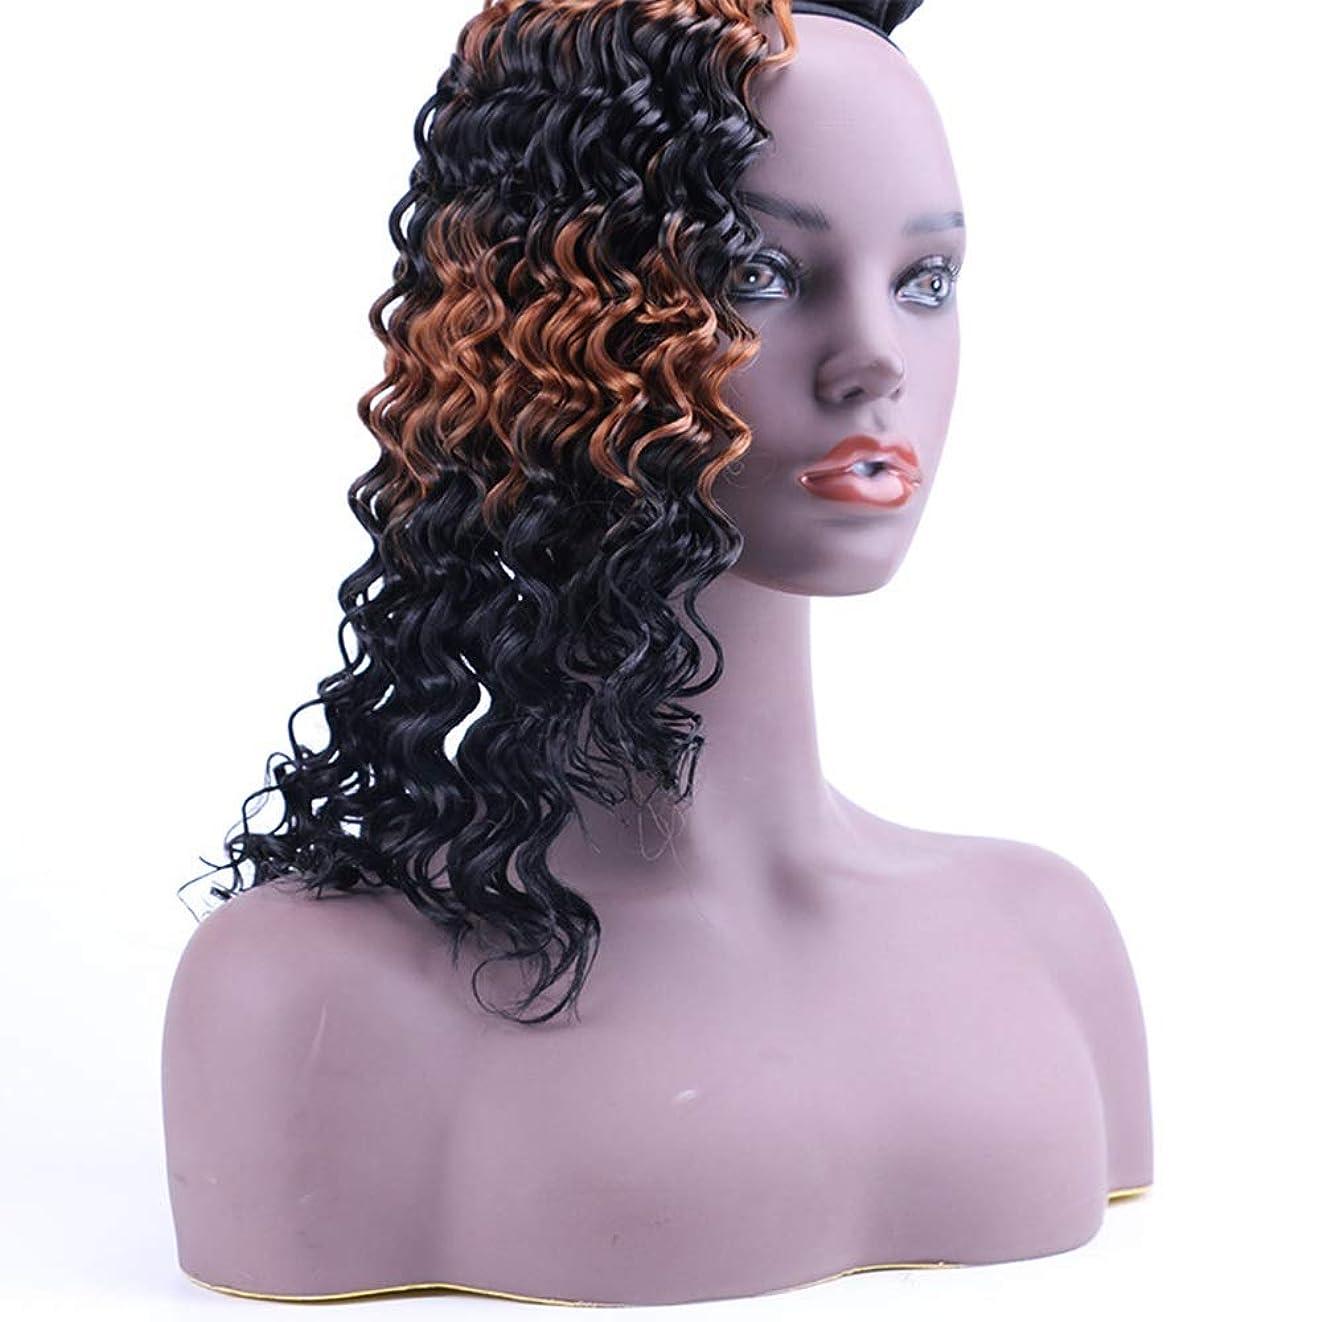 バッジ徐々につばYrattary 合成髪ディープウェーブヘアウィーブ3バンドル - TT1B / 30#ブラウンツートーンカラーヘアバンドルミックス長(16 18 20インチ)合成髪レースかつらロールプレイングウィッグロング&ショート女性自然 (色 : ブラウン, サイズ : 16